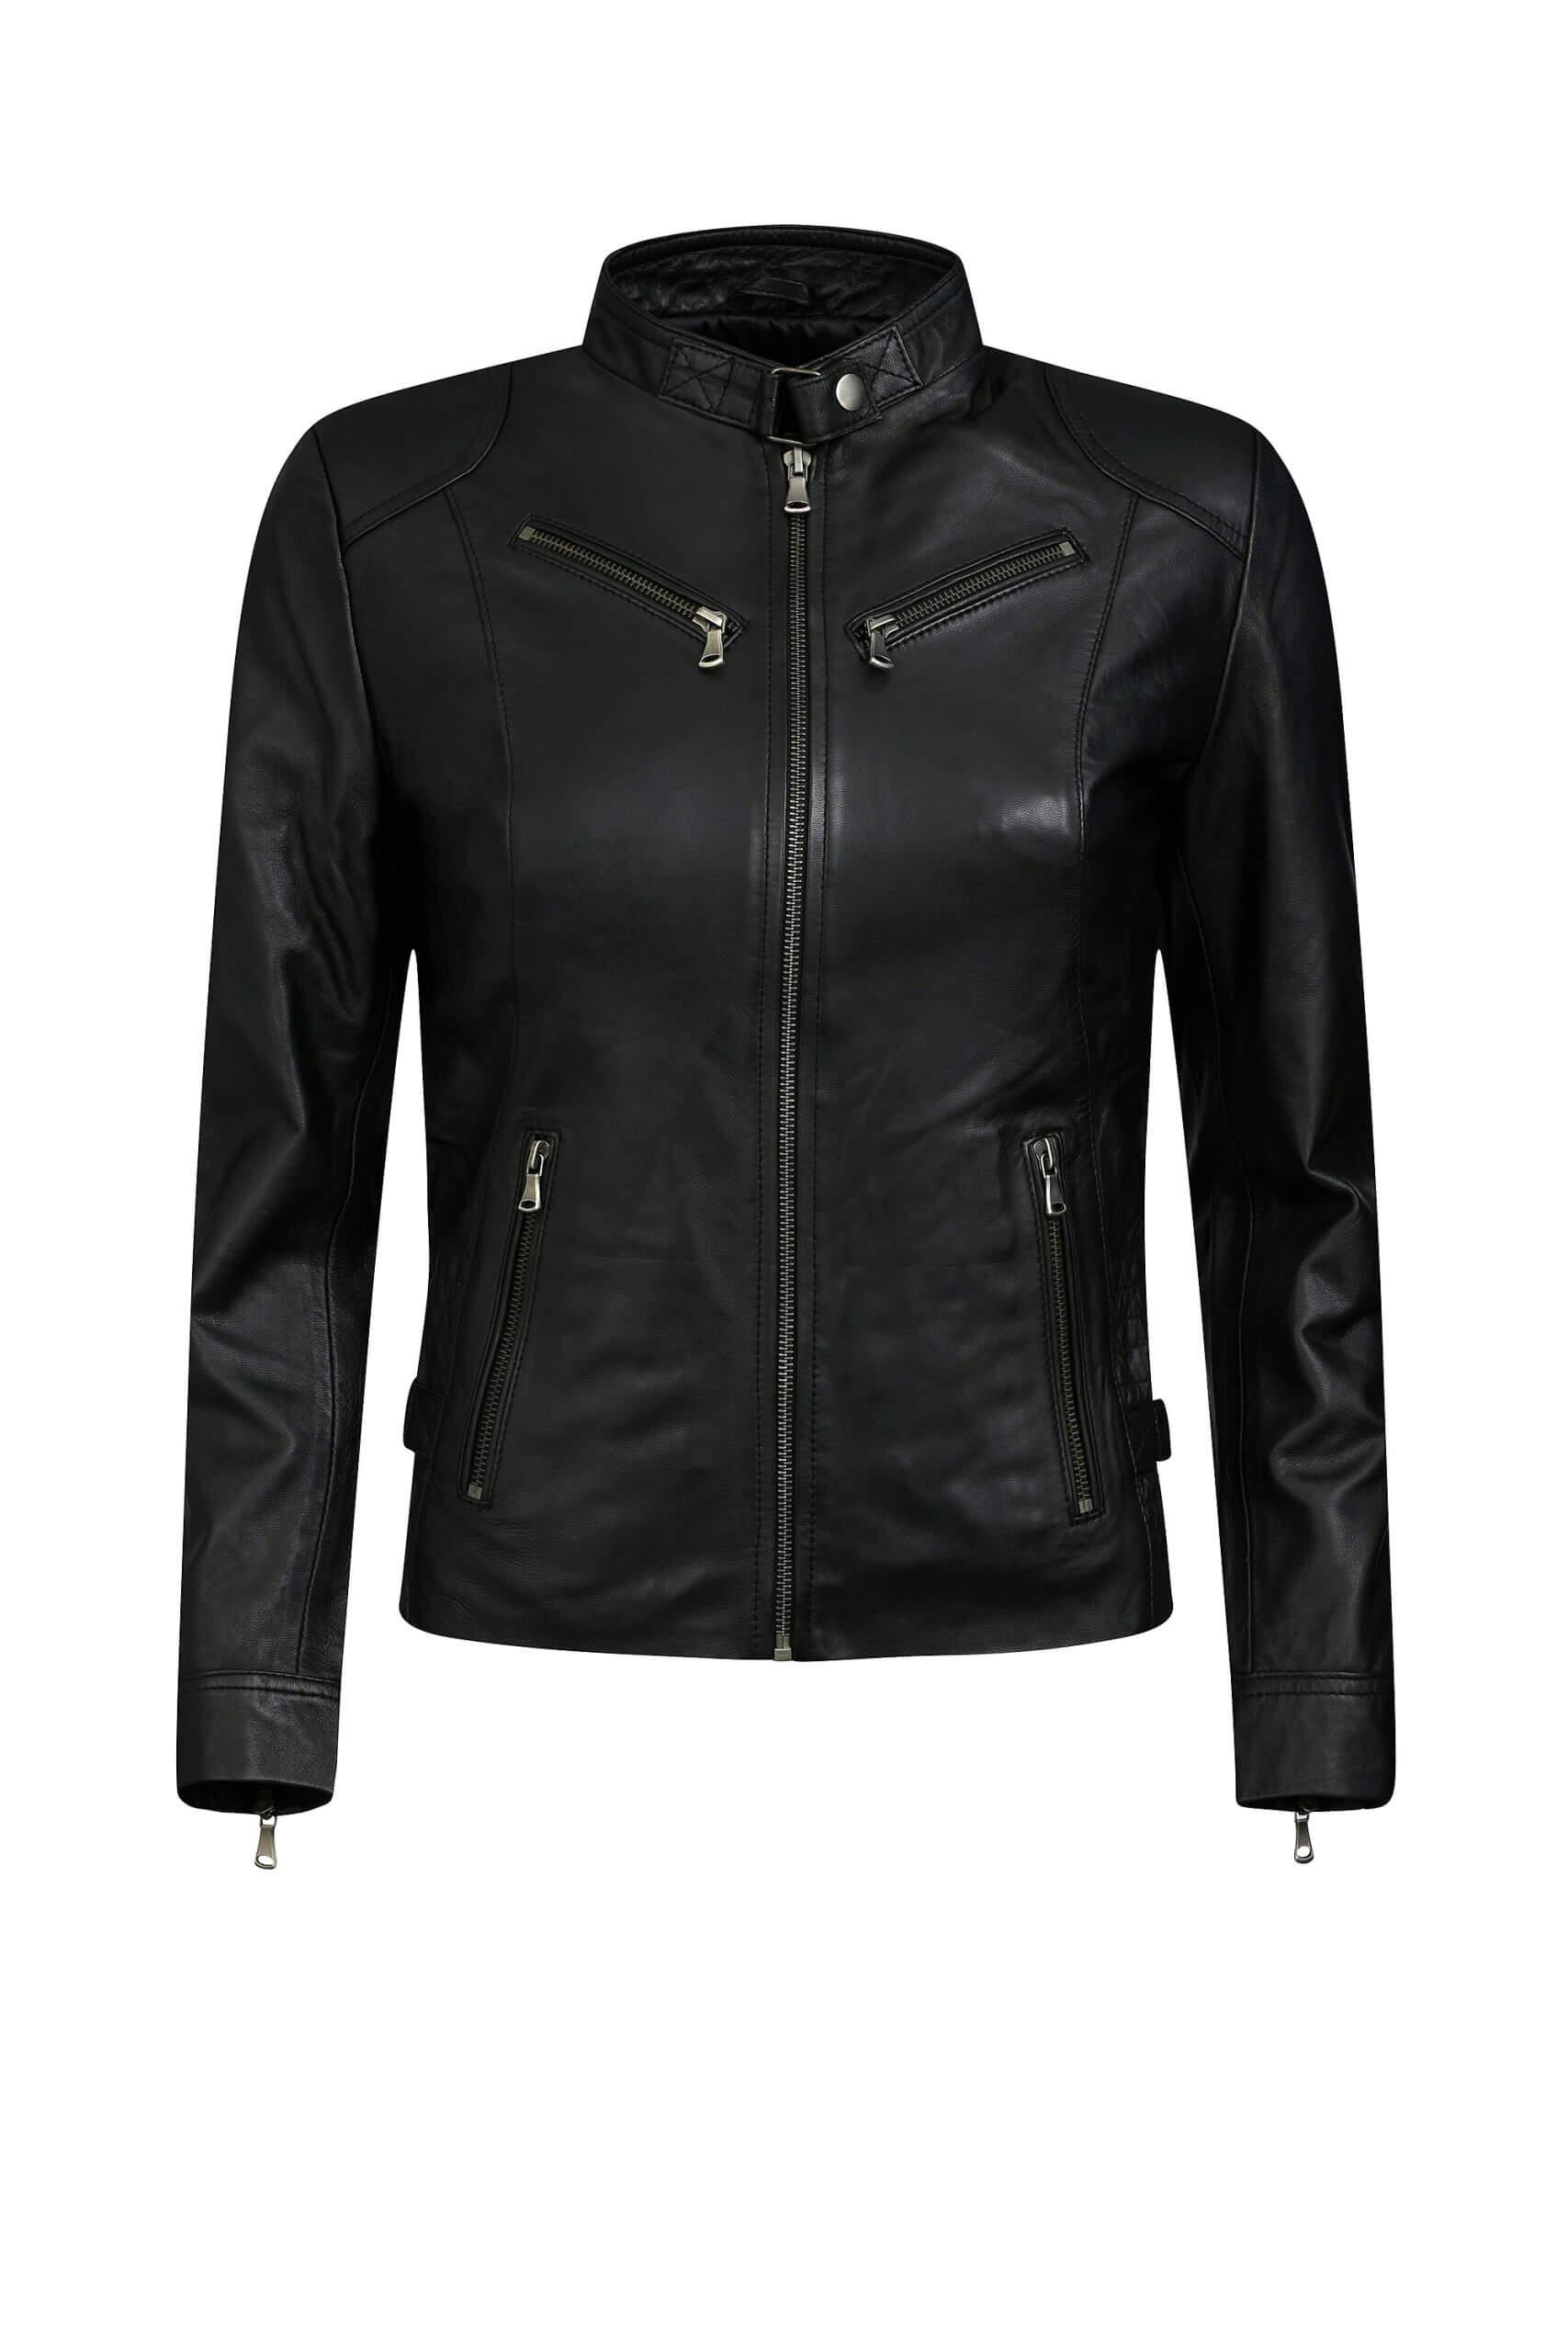 RBM-dames biker jasje zwart 446